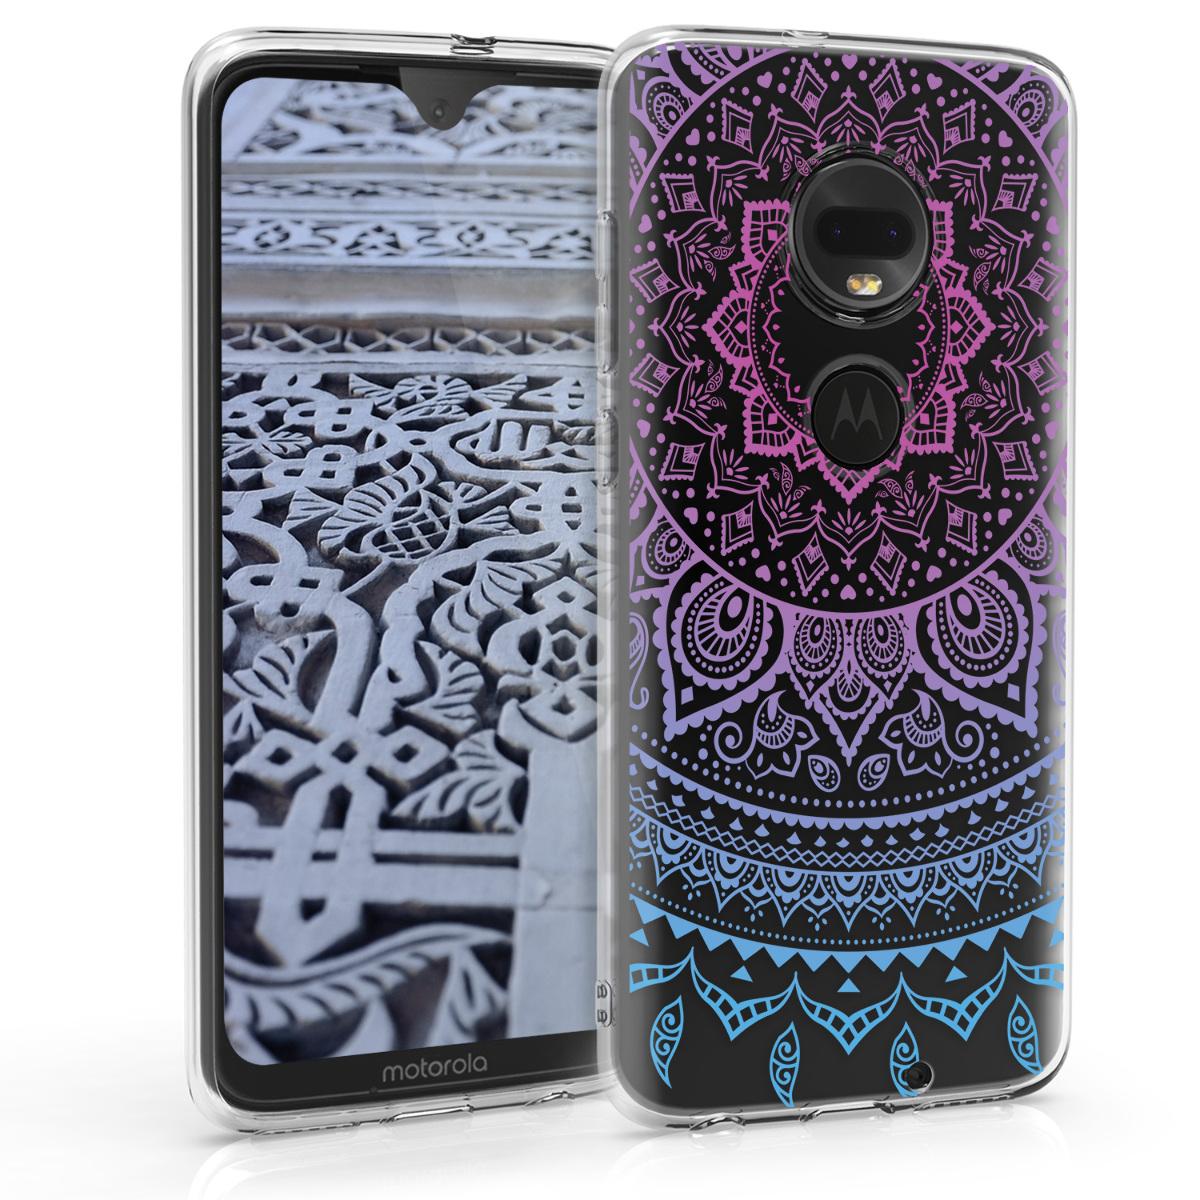 Kvalitní silikonové TPU pouzdro | obal pro Motorola Moto G7 / Moto G7 Plus - Indiánské slunce Modrá / Tmavě růžová / Průhledná